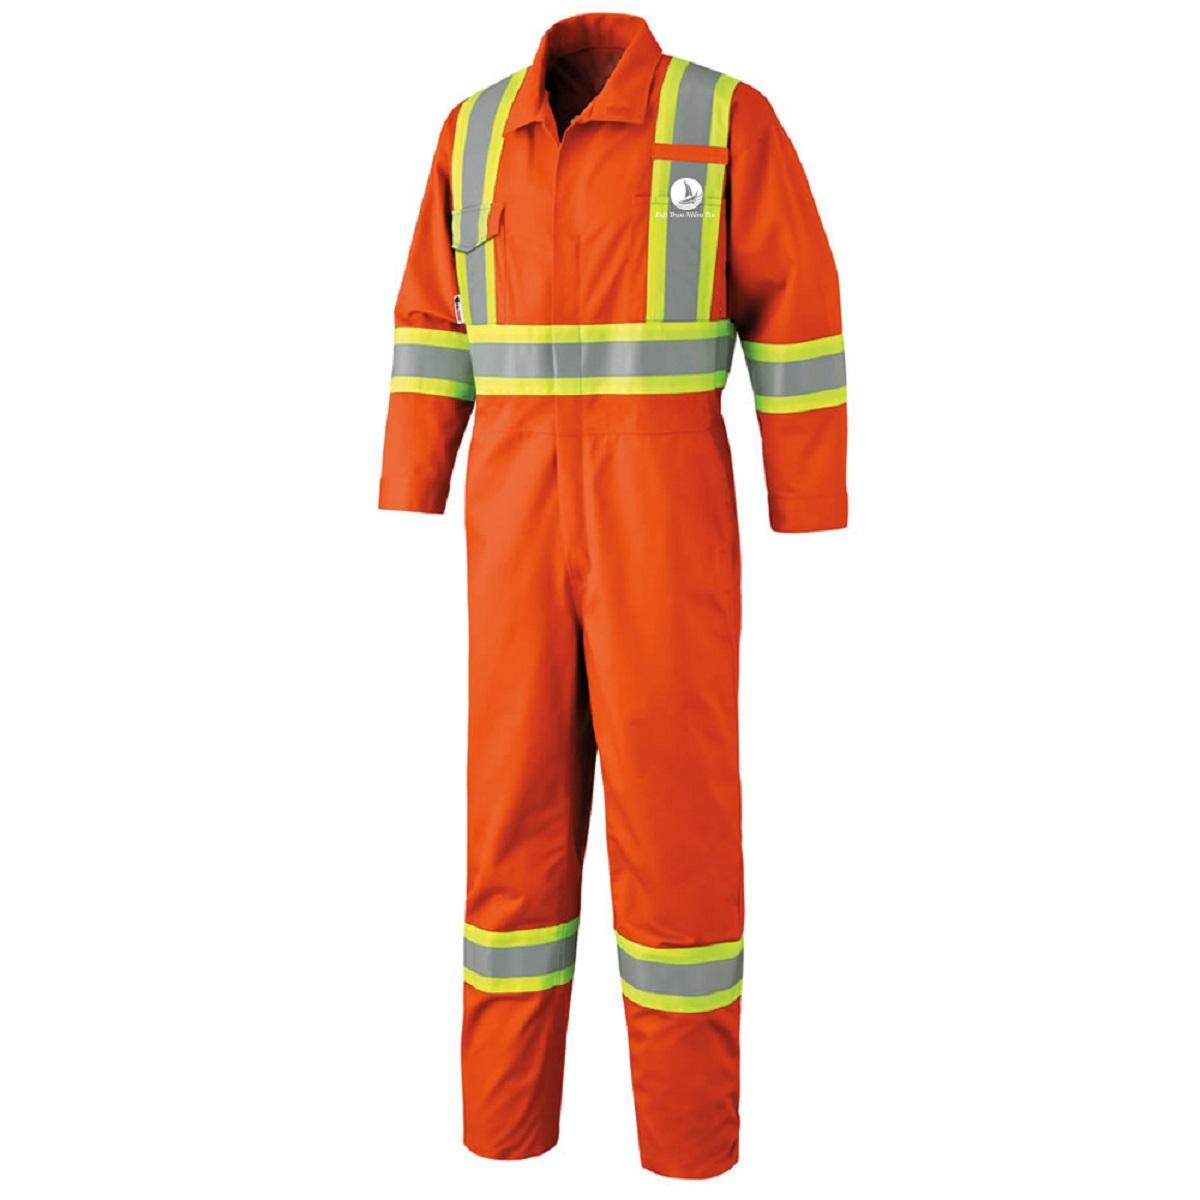 Mẫu đồng phục áo liền quần bảo hộ mã BO-ALQ02 – Gạch